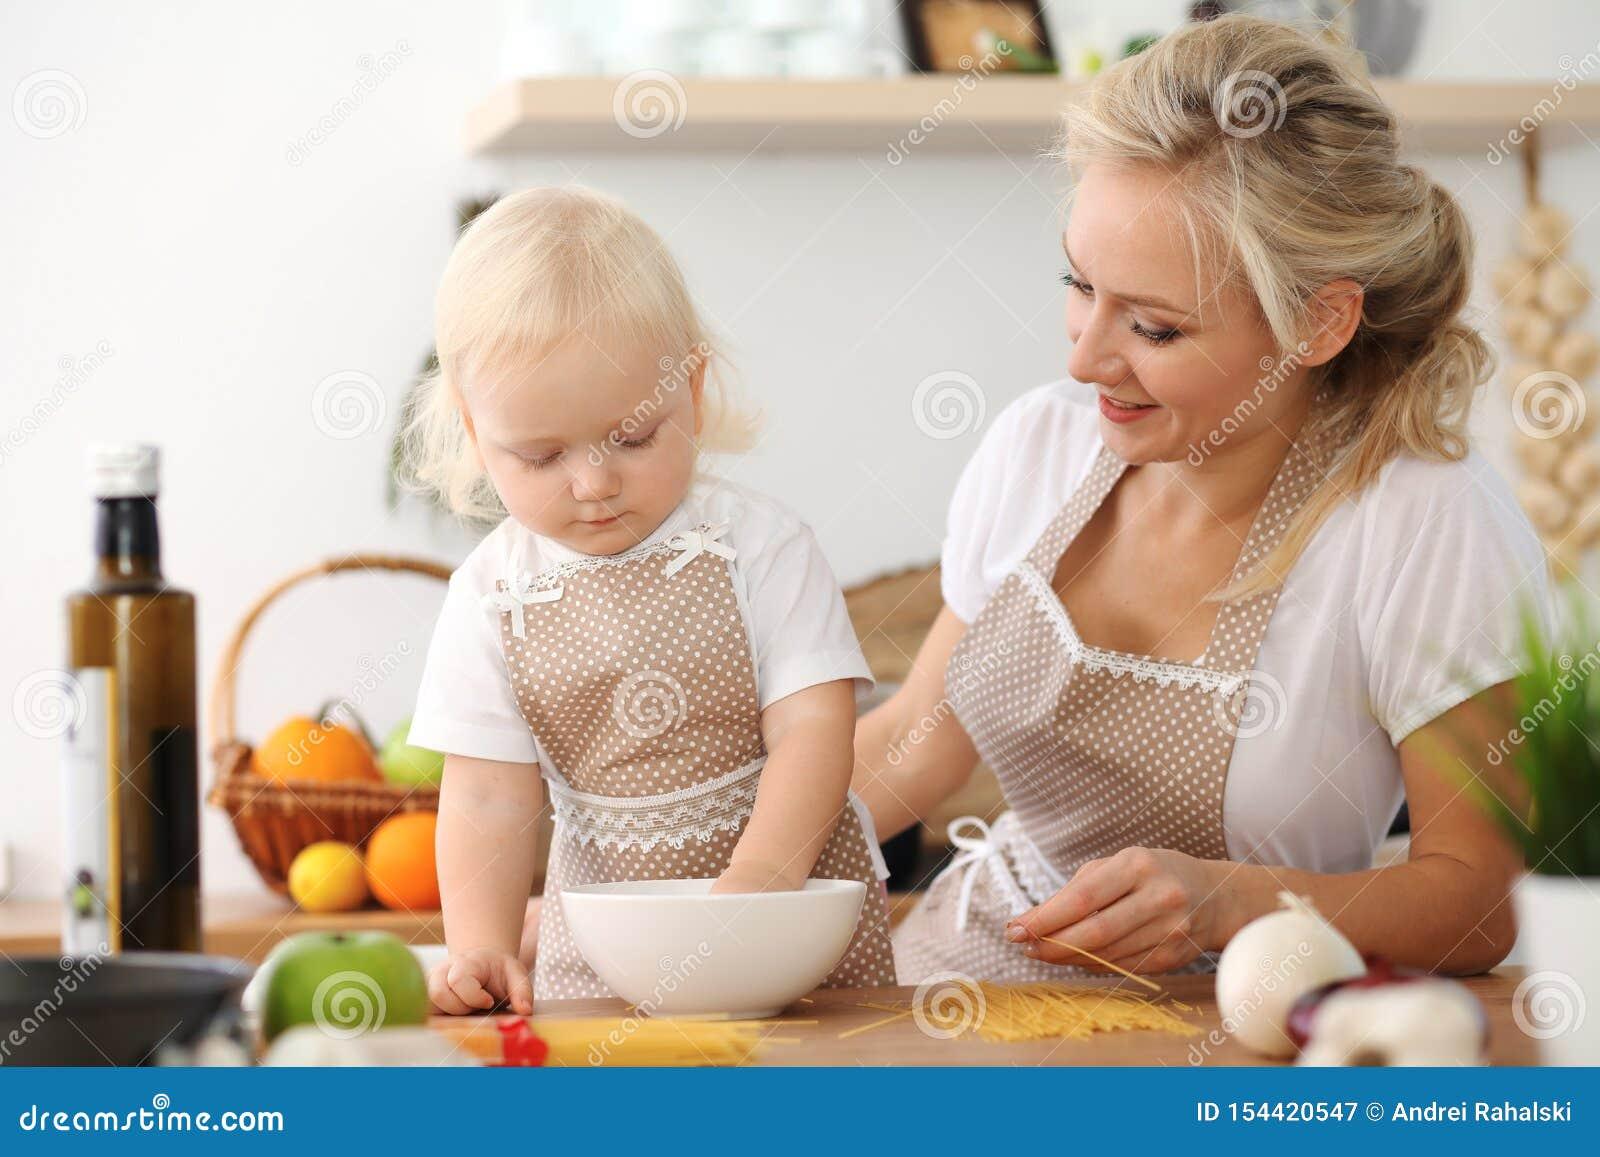 愉快的烹调在厨房里的母亲和小女儿 消费时间全部一起,家庭乐趣概念